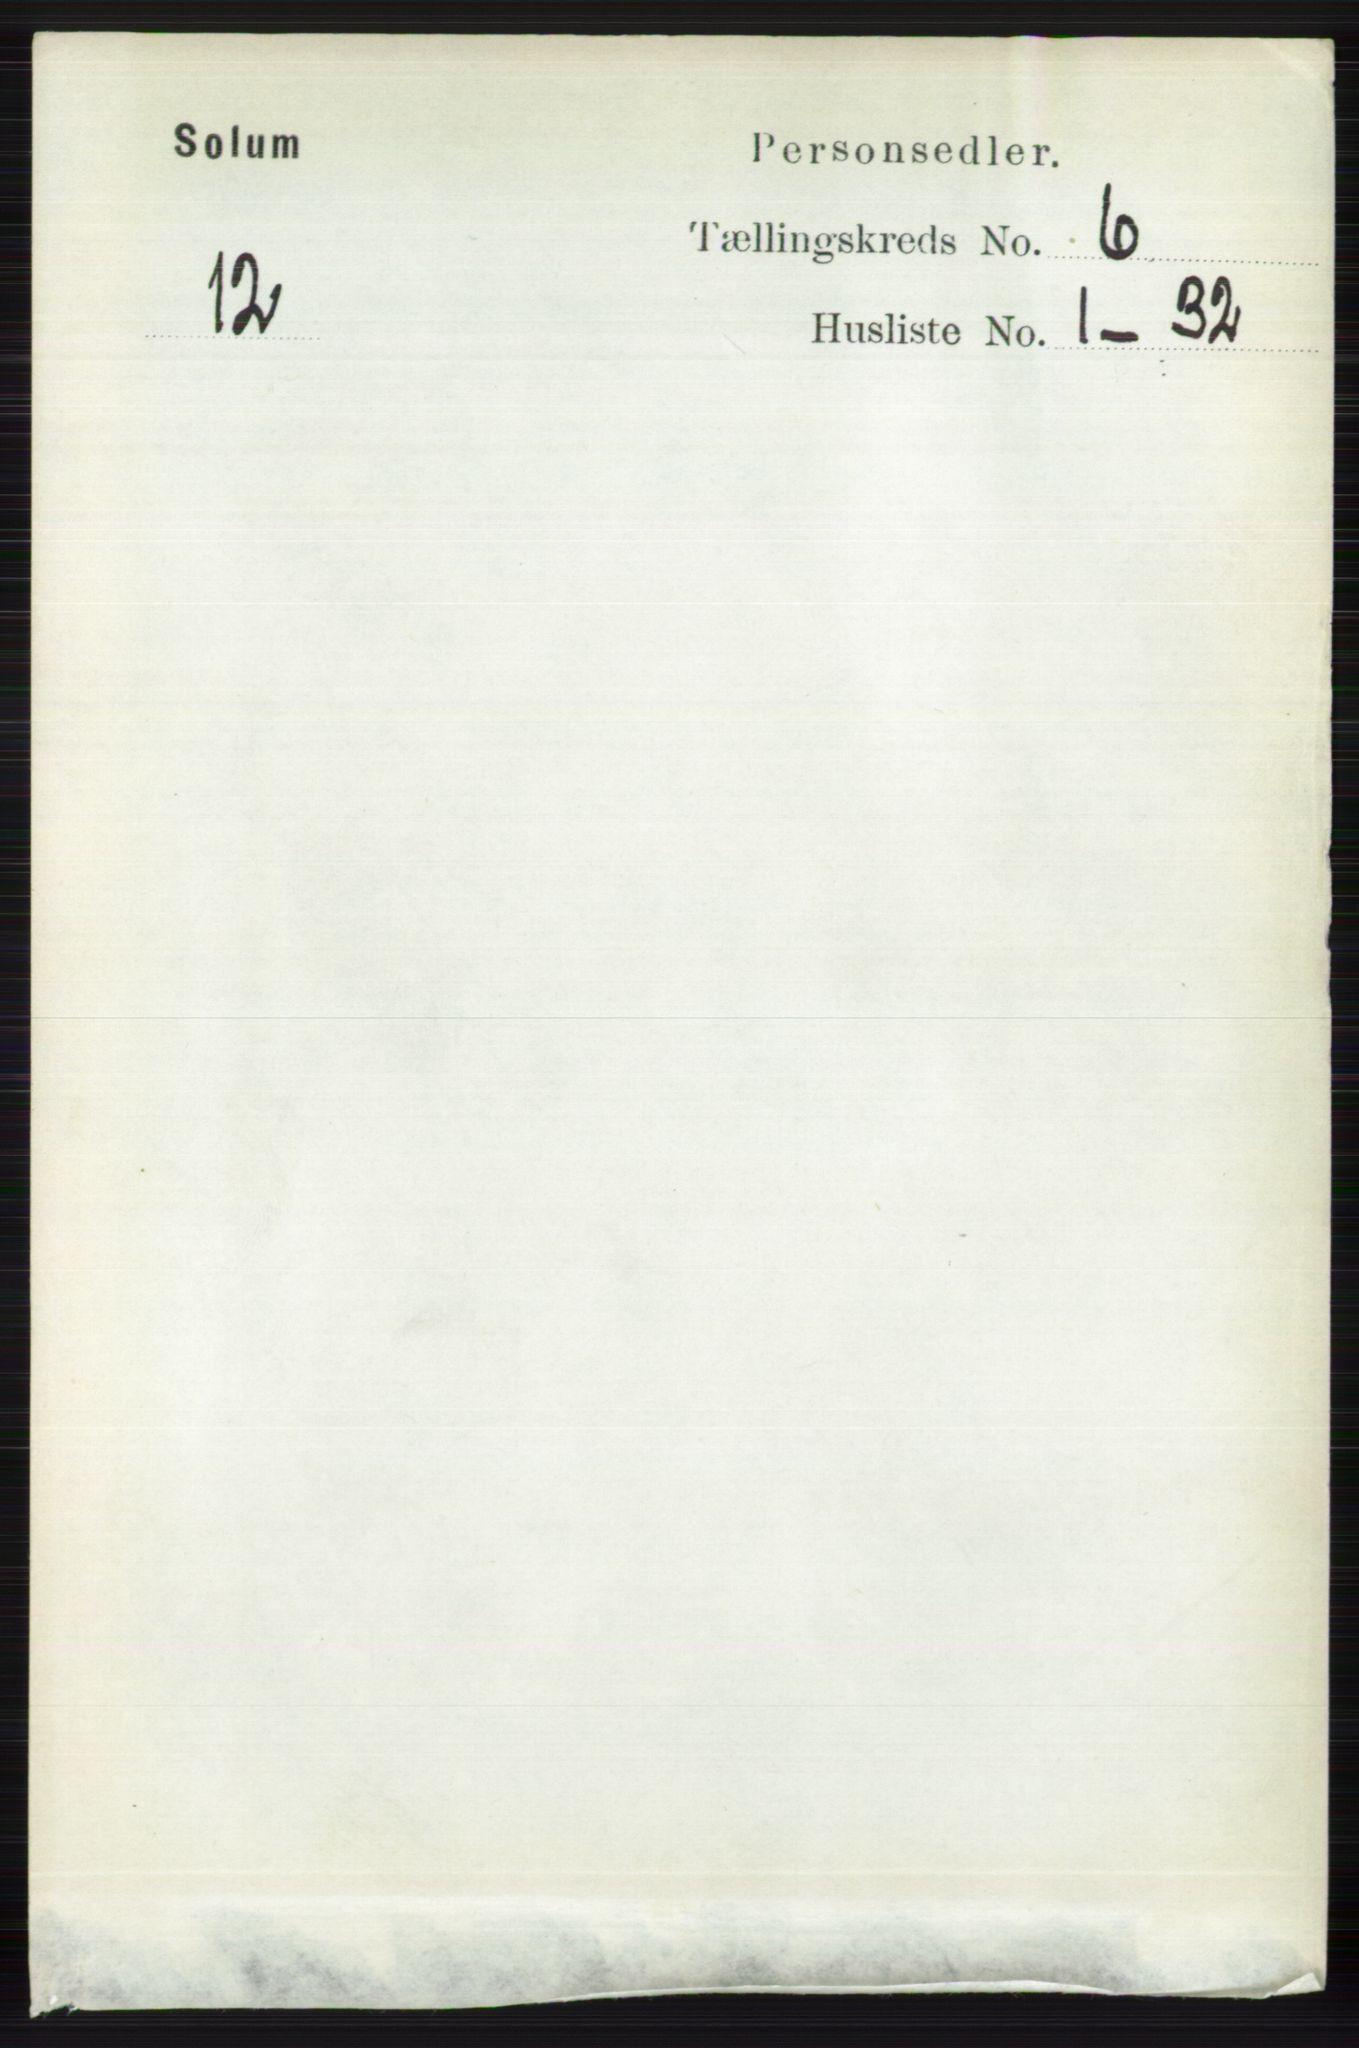 RA, Folketelling 1891 for 0818 Solum herred, 1891, s. 1186